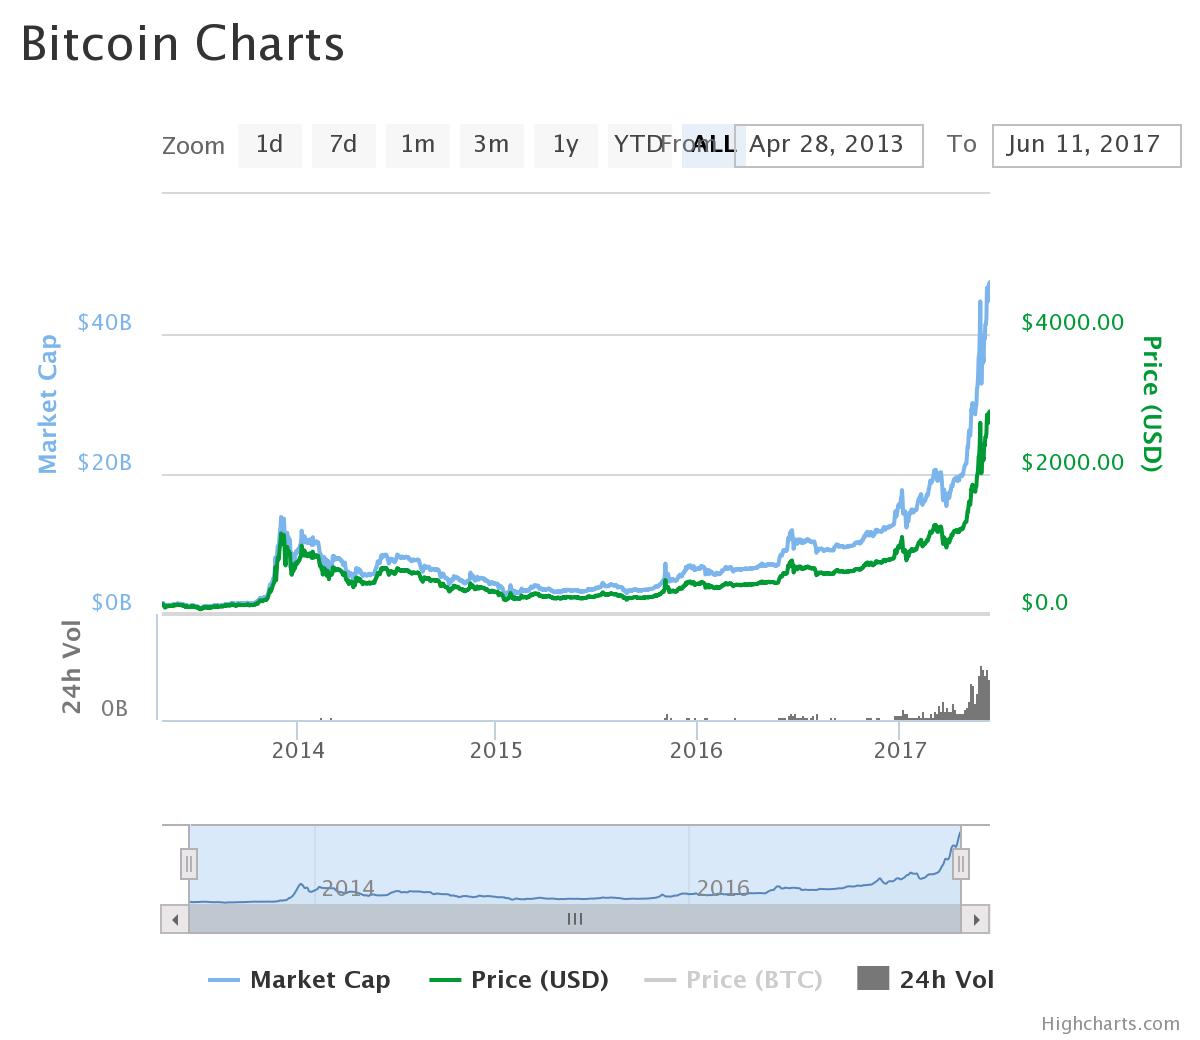 ビットコインなど仮想通貨の価格が急騰。仮想通貨は今後どうなる